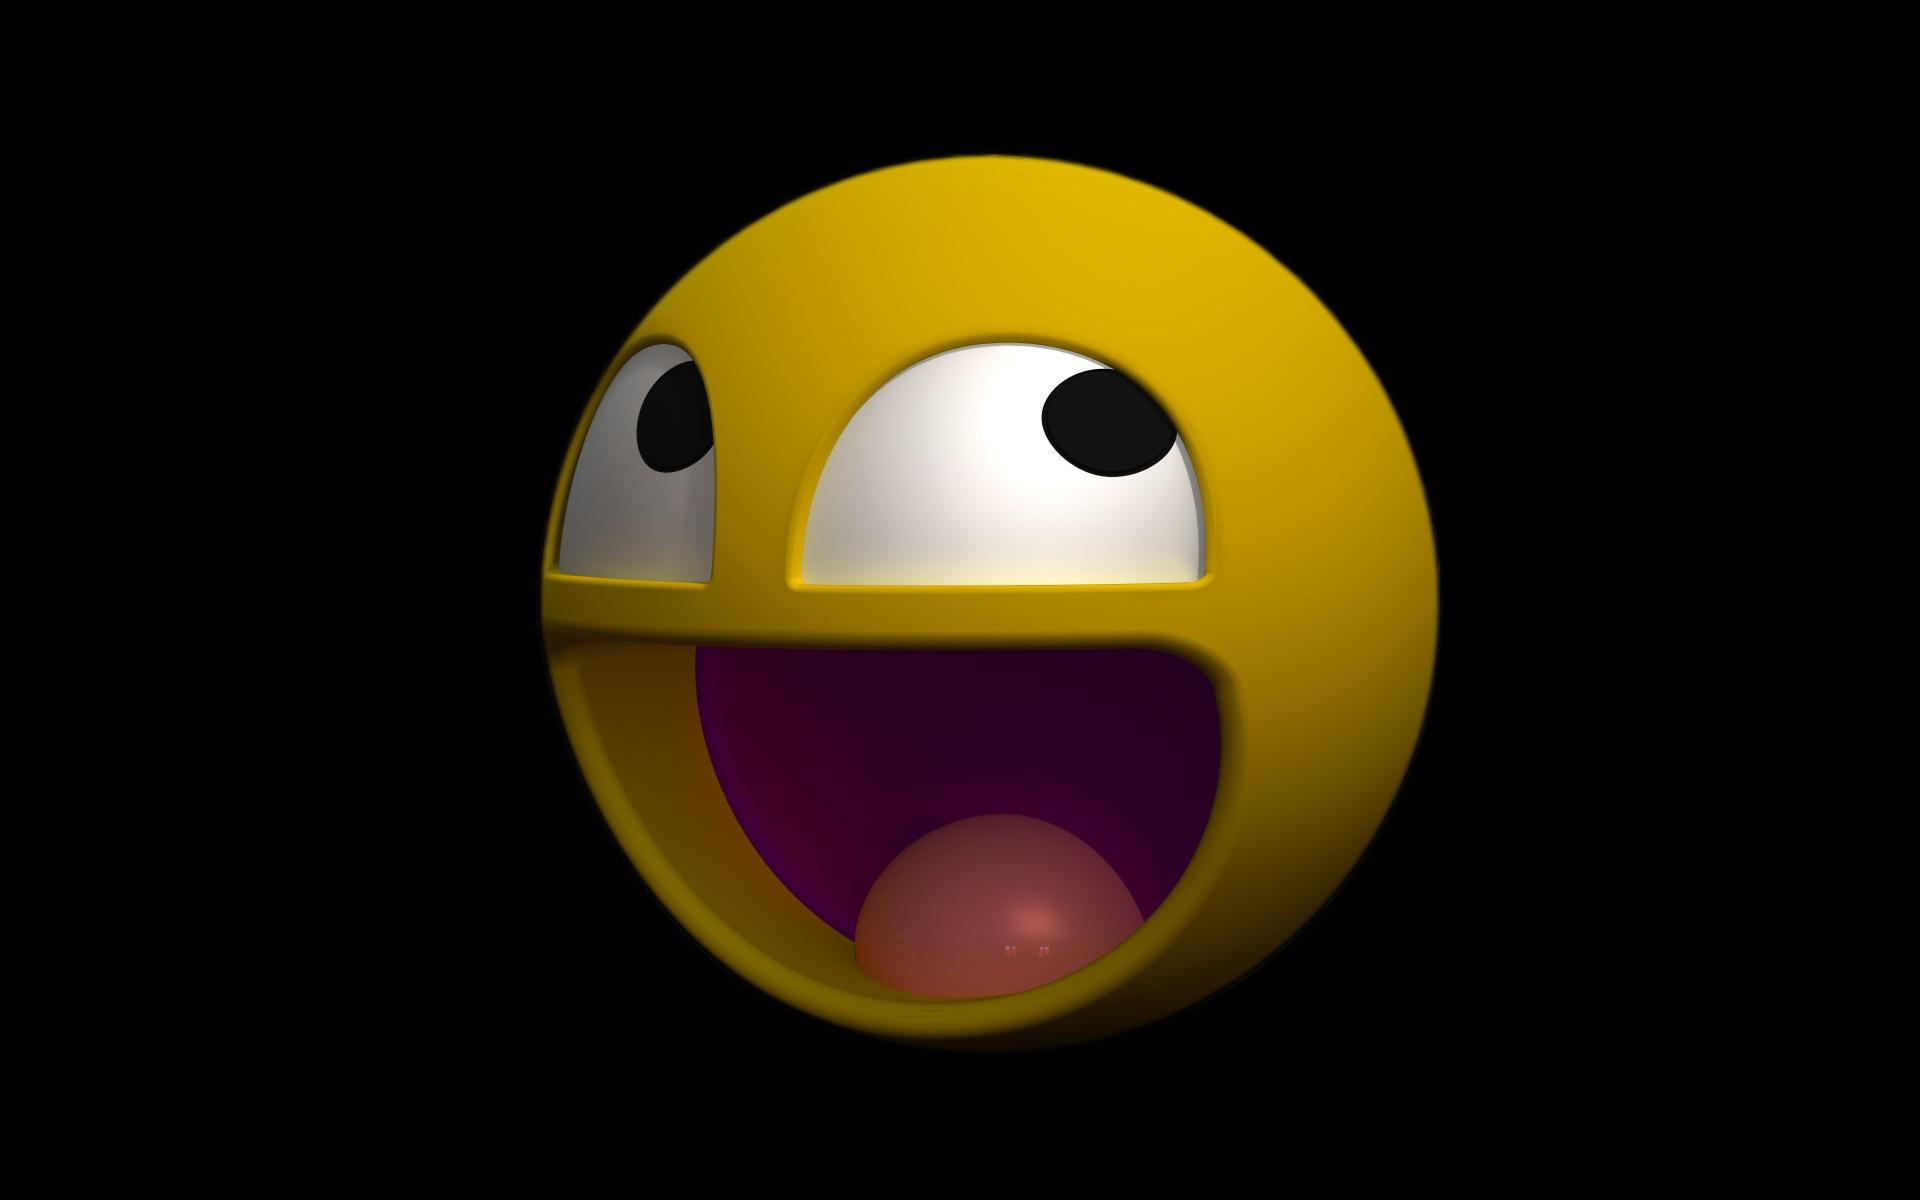 Wallpaper Sphere Yellow Circle Smiley Icon Smile